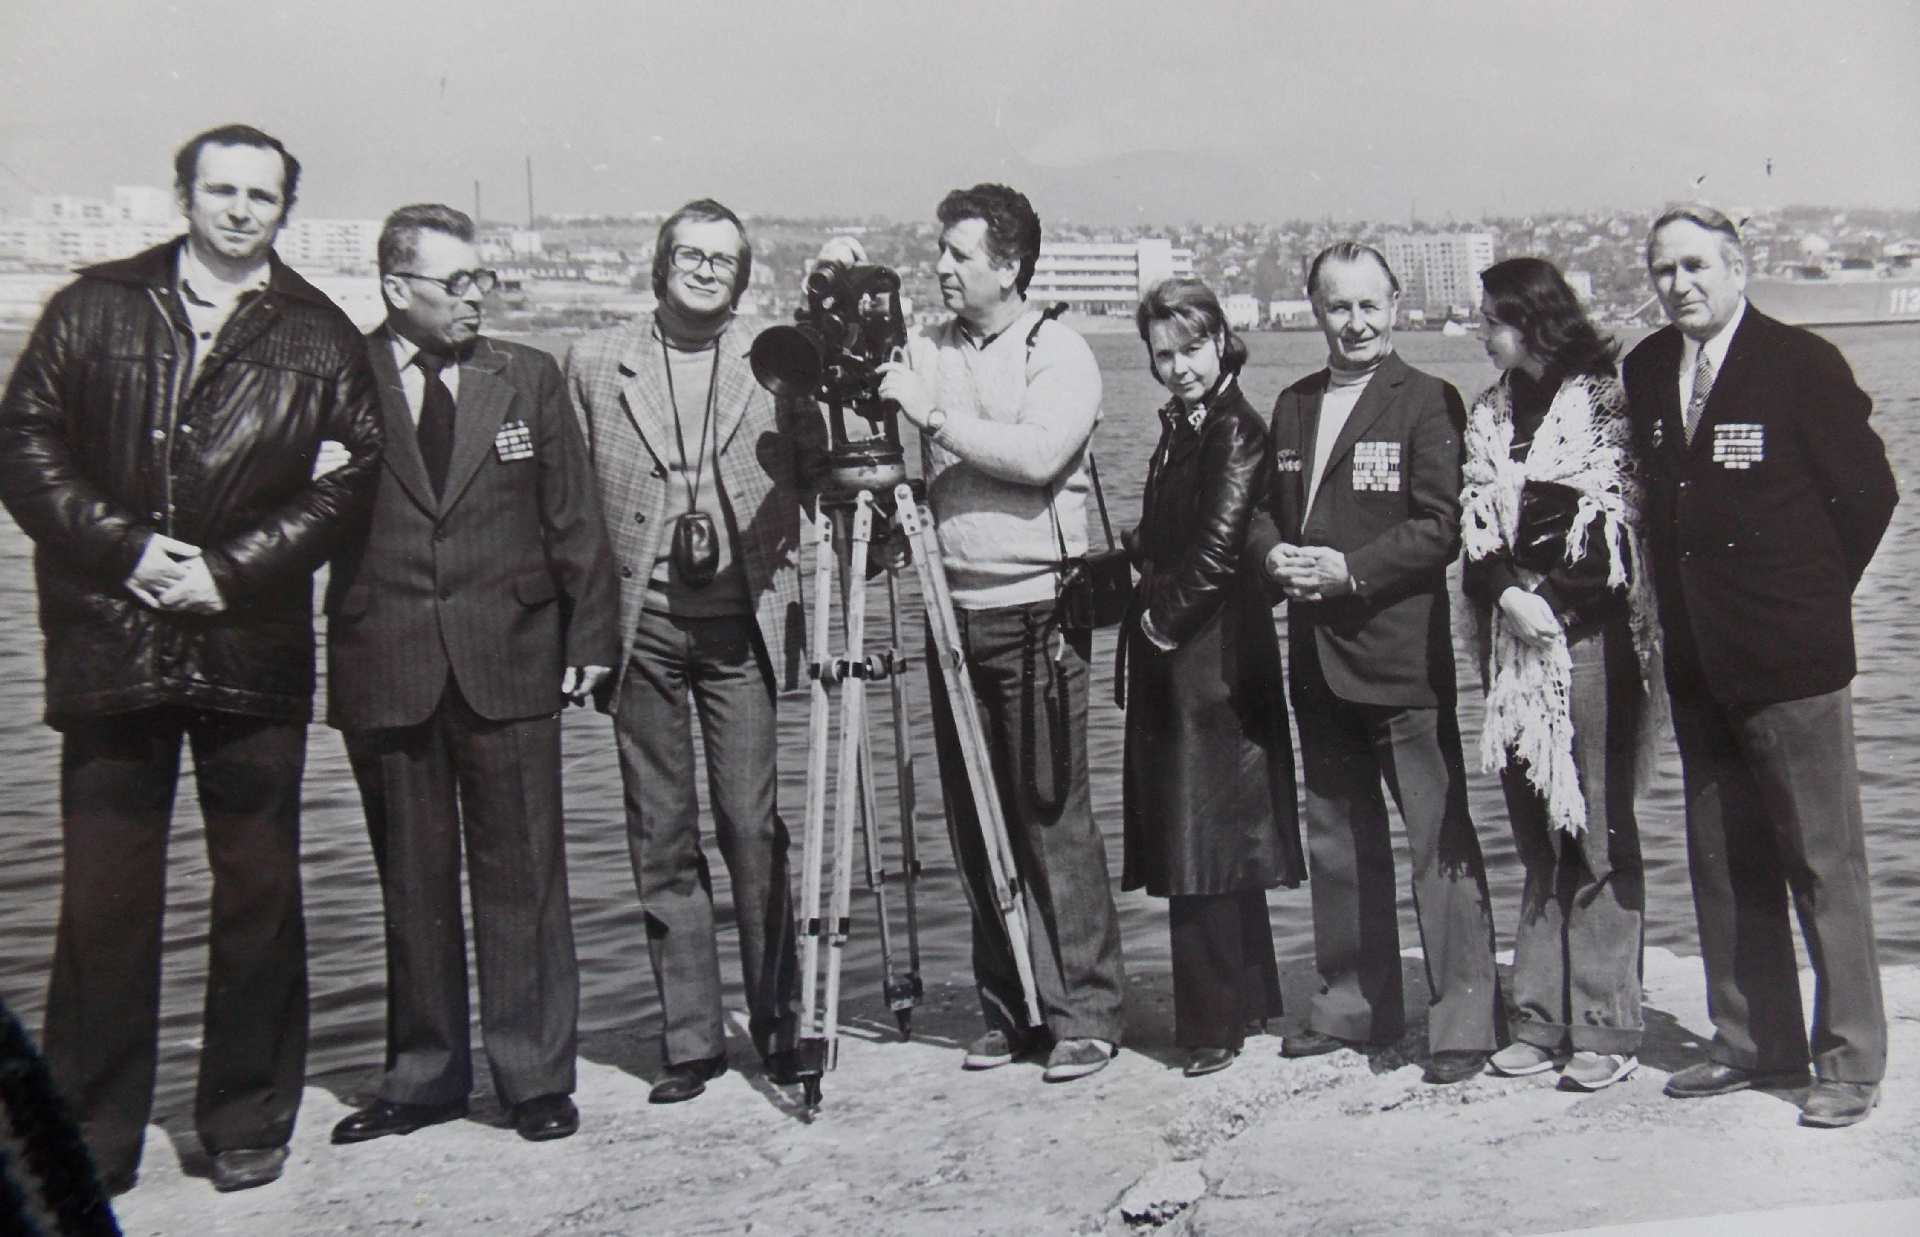 Экспонат #109. Съёмочная группа ЦТ в Севастополе. Графская пристань. 1982 год